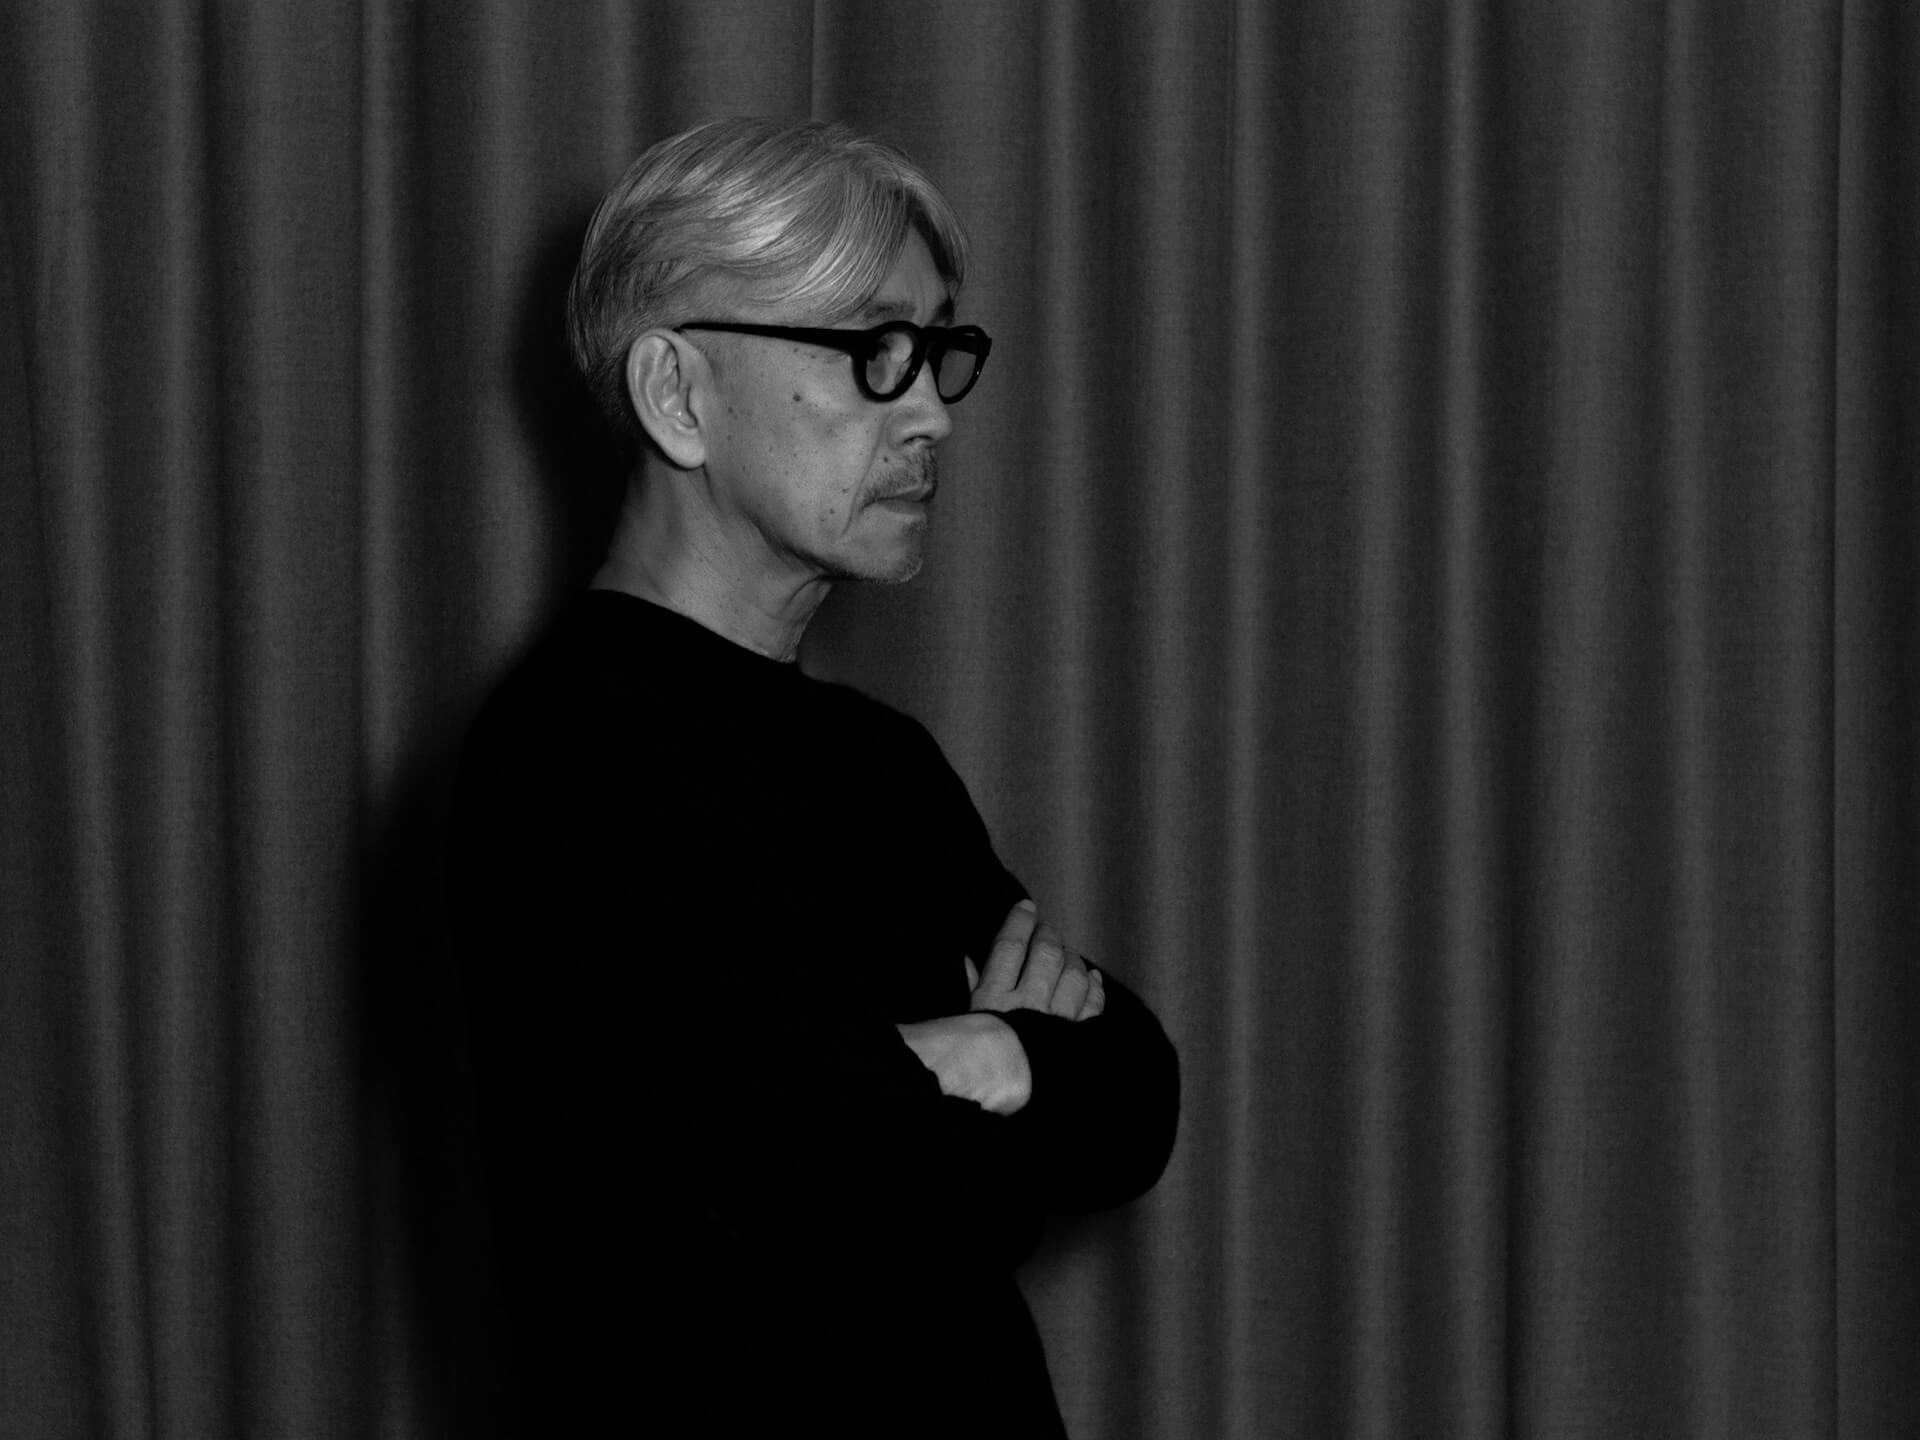 坂本龍一のオーケストラ公演やYMOの貴重なライブ映像がYouTubeにて期間限定公開決定!チャンネル予約も可能 music200417_commons_2